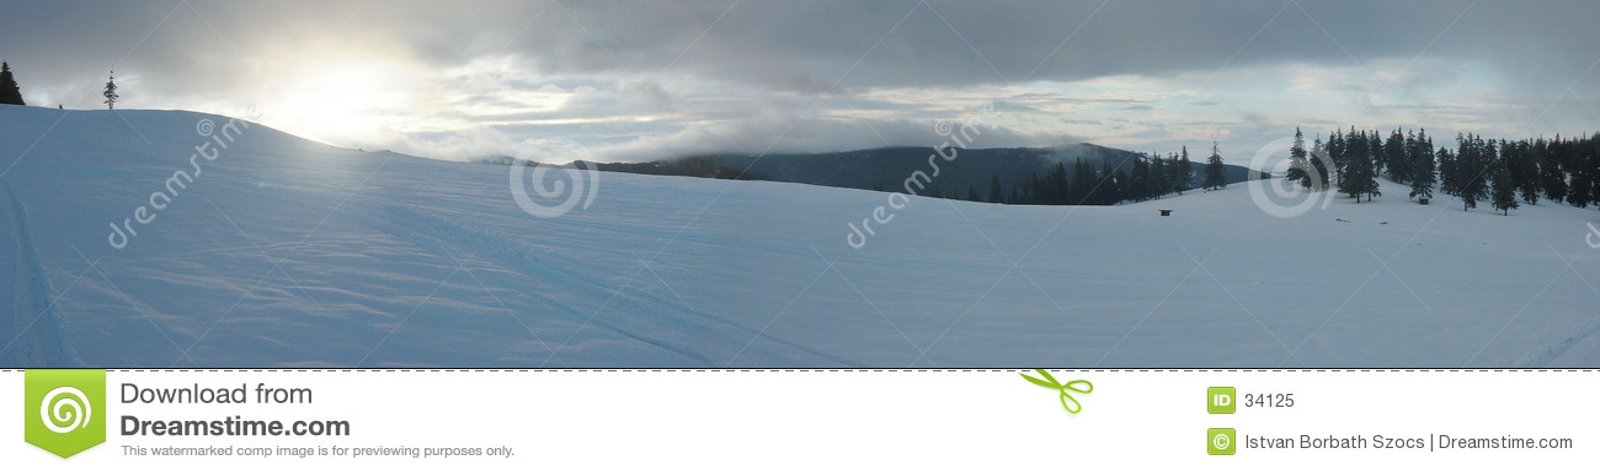 Het Panorama van de Zonsopgang van de winter